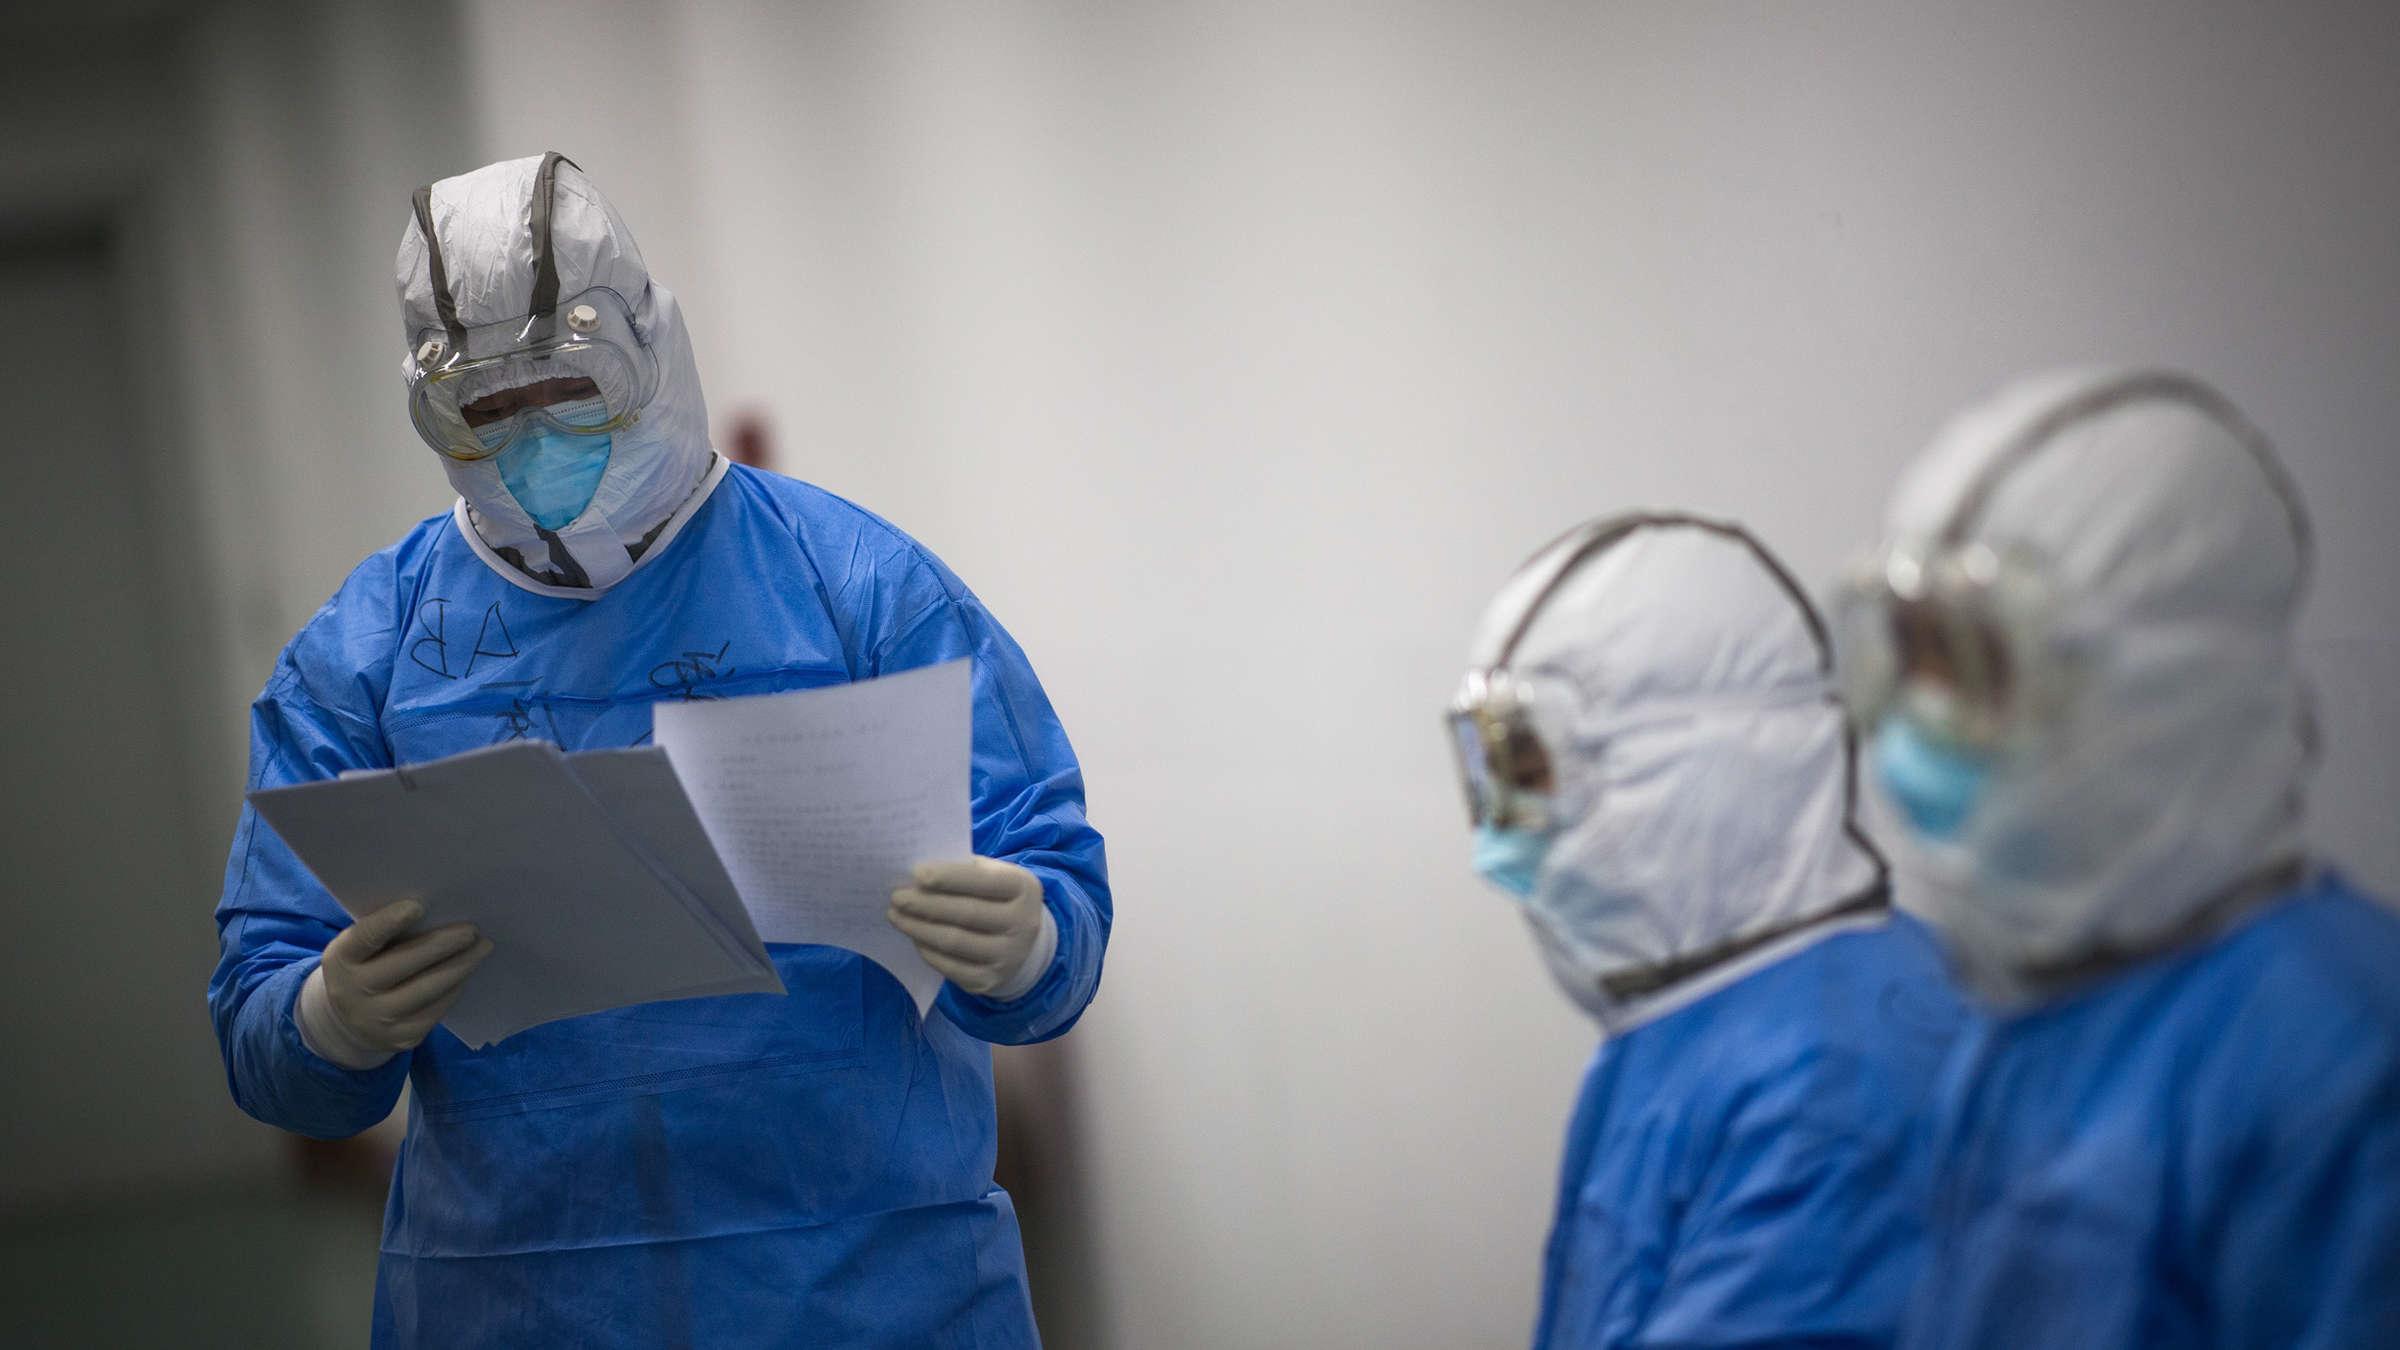 Une solution pour le traitement du coronavirus est toujours à la recherche